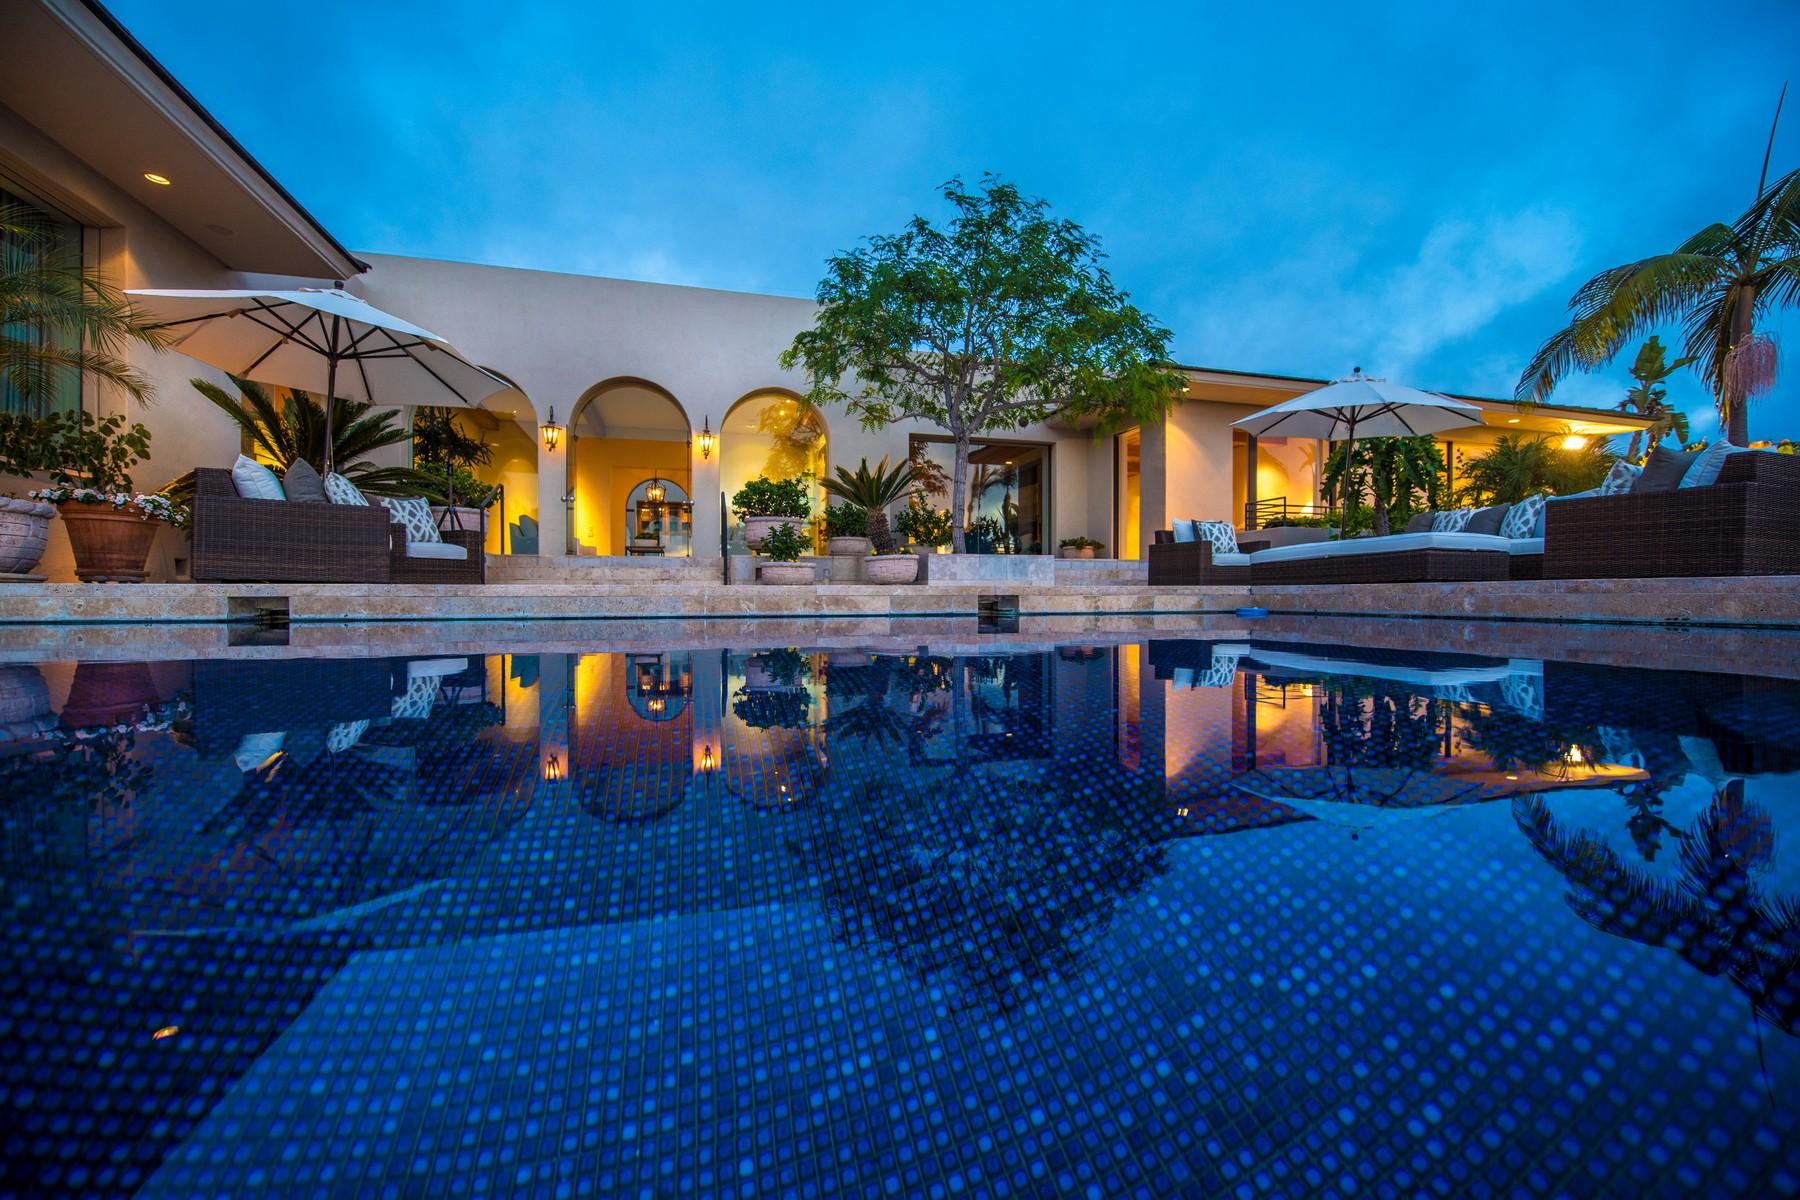 Single Family Home for Sale at 8350 Calle Del Cielo La Jolla, California, 92037 United States